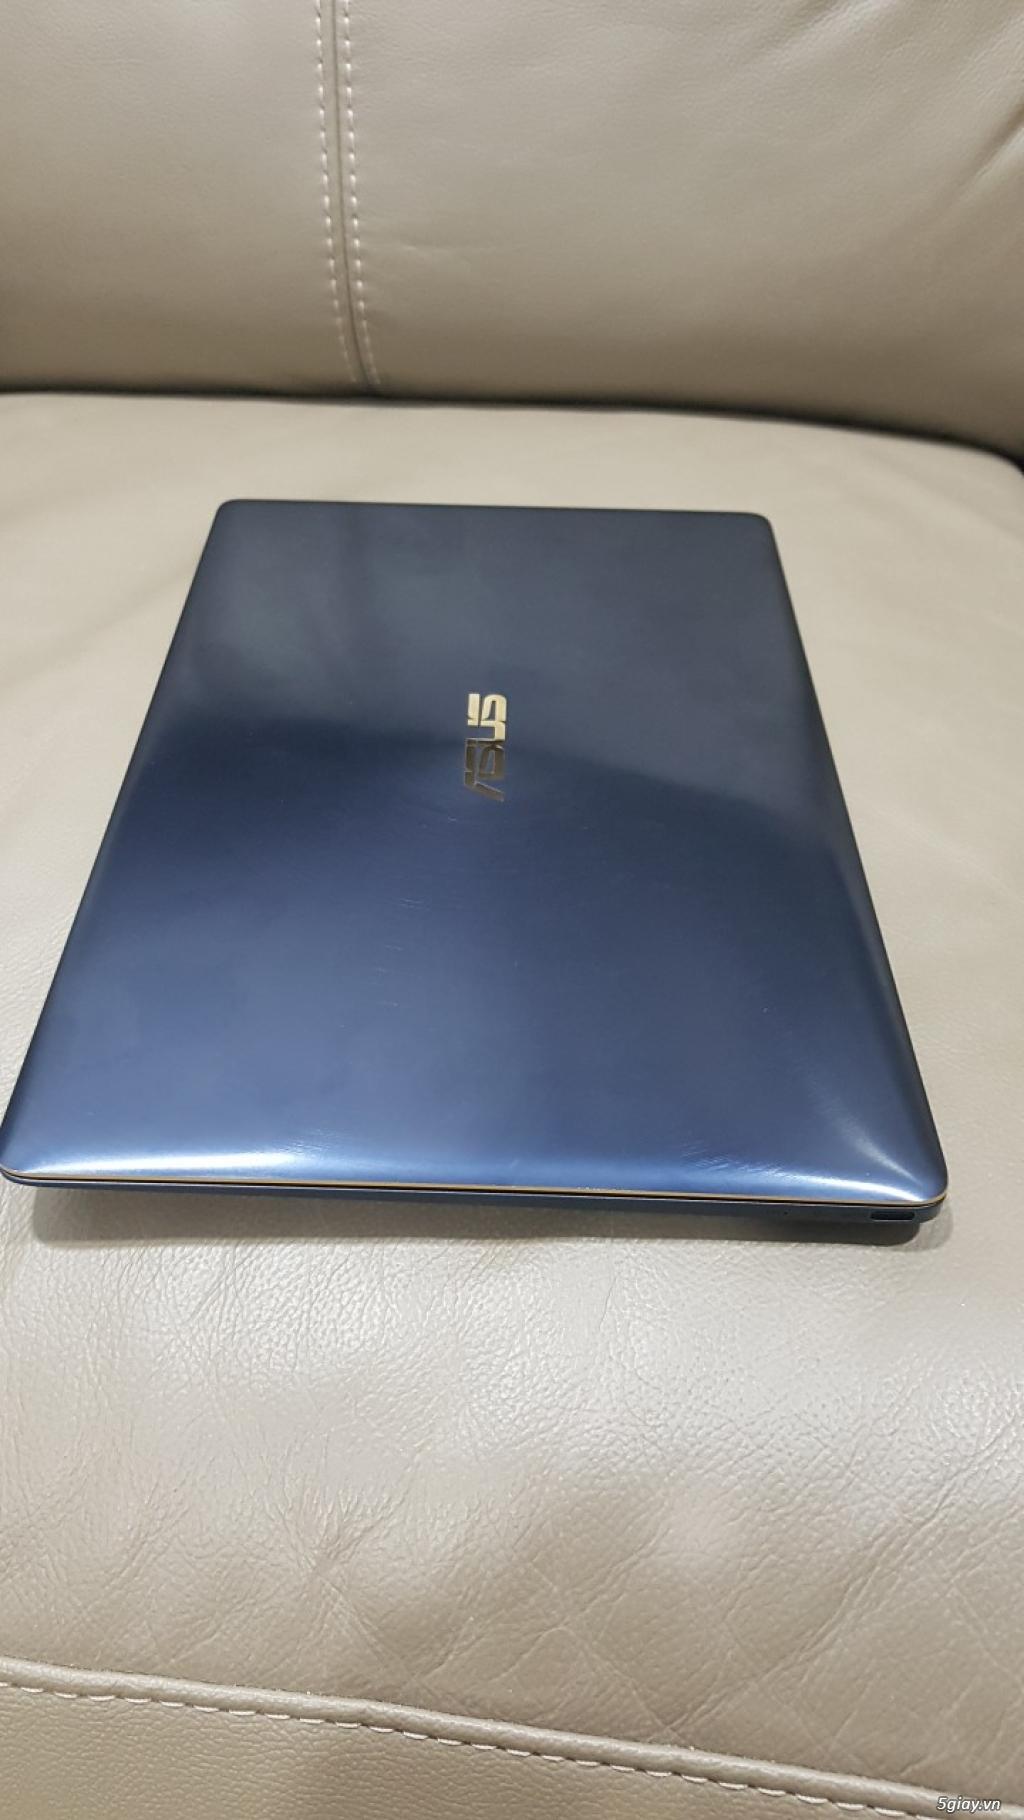 Laptop siêu mỏng Asus zenbook 3 - 12,5 inch, I7, 256G - 2